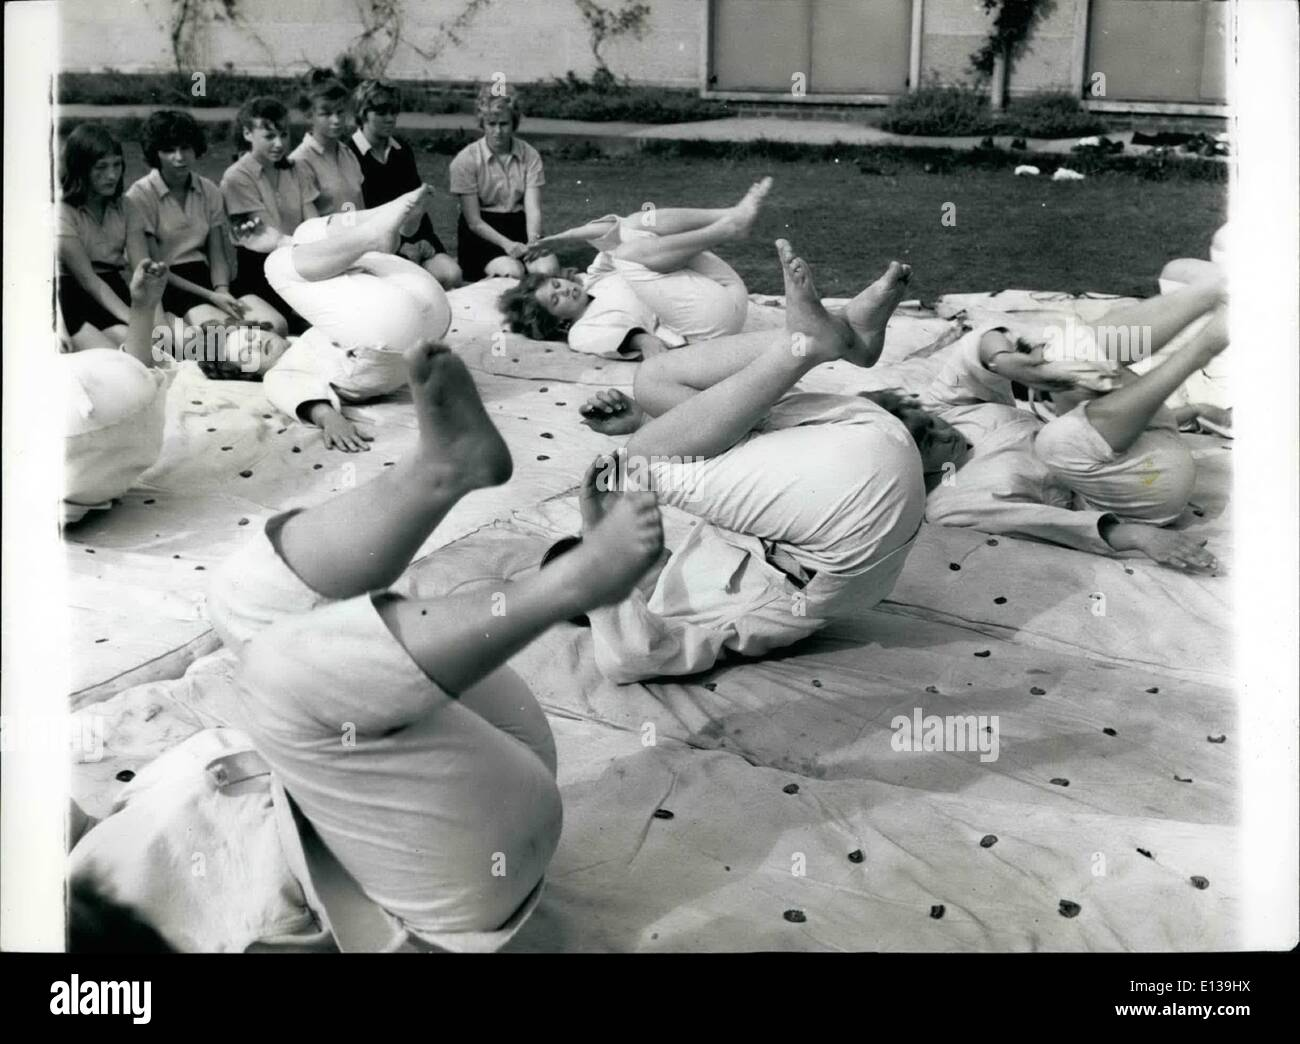 Febbraio 29, 2012 - Judo richiedono destrezza e moderata ragazze fitness presso il St. Christopher's fare esercizi come parte della loro formazione. Immagini Stock